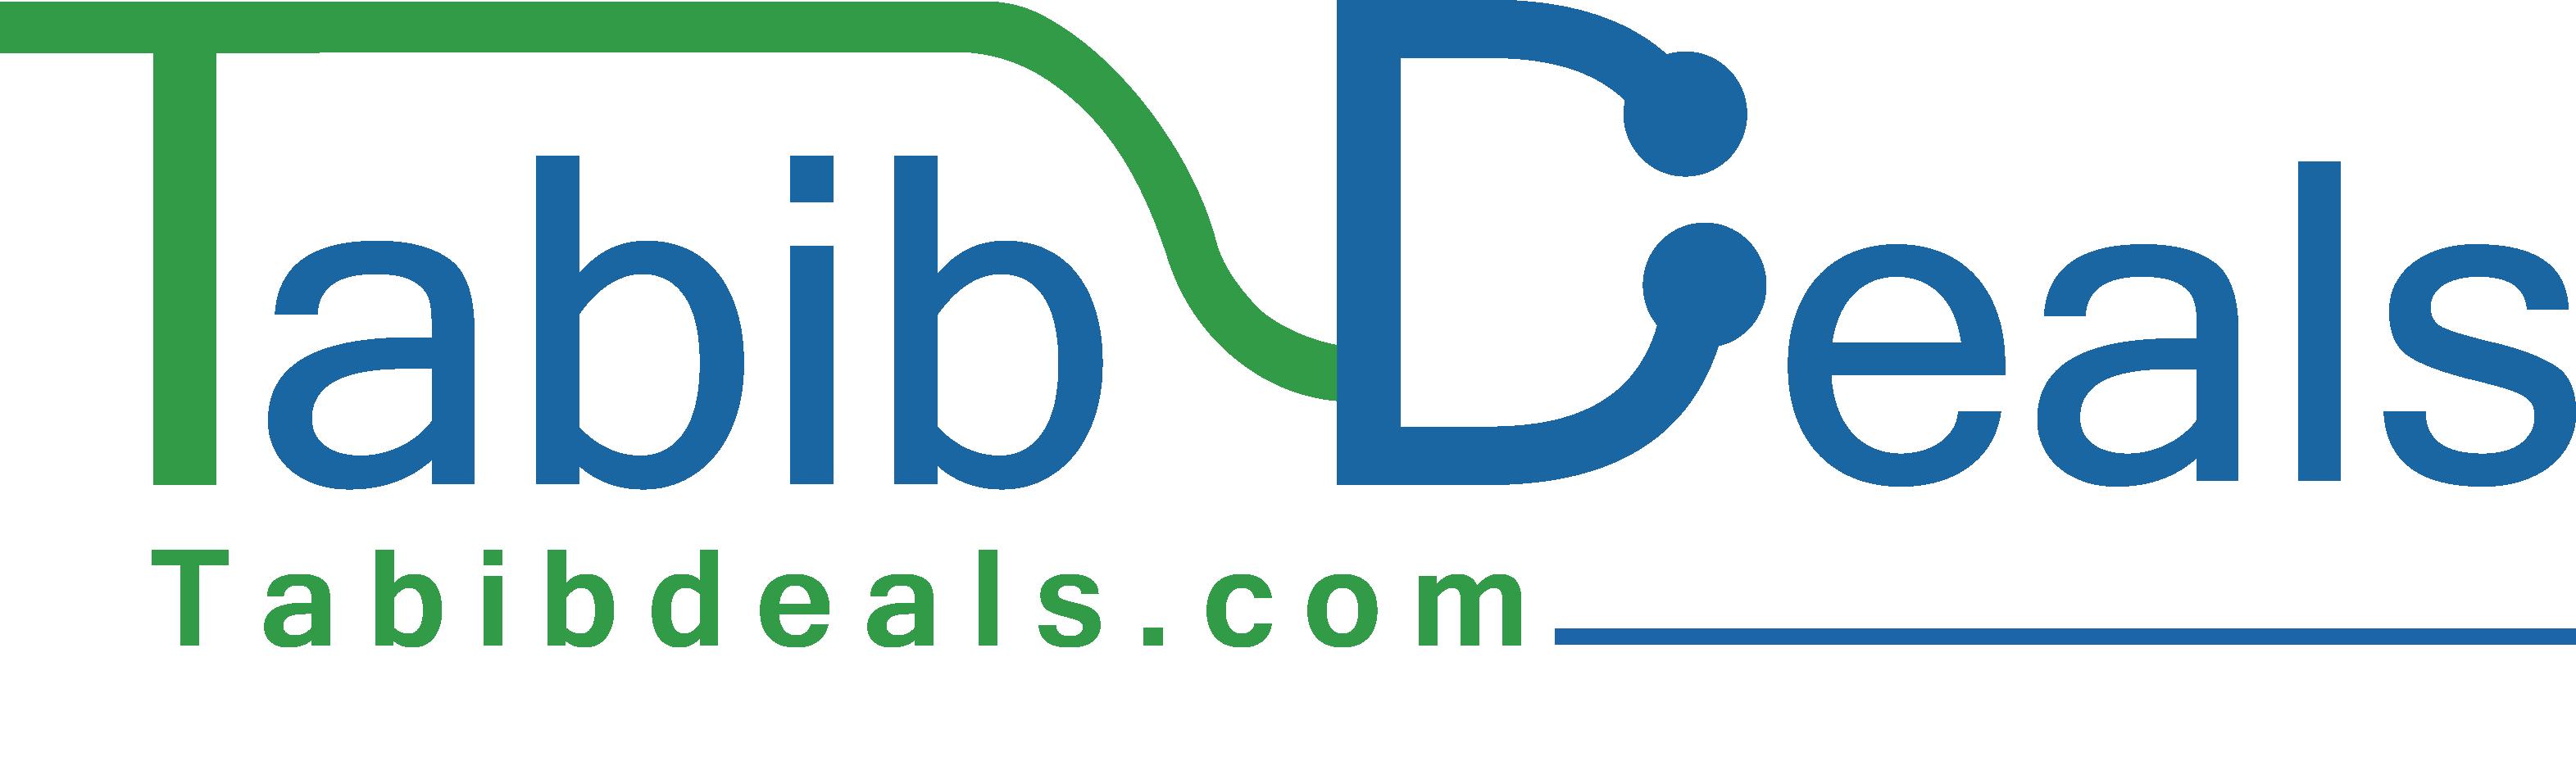 طبيب-ديلز-TabibDeals